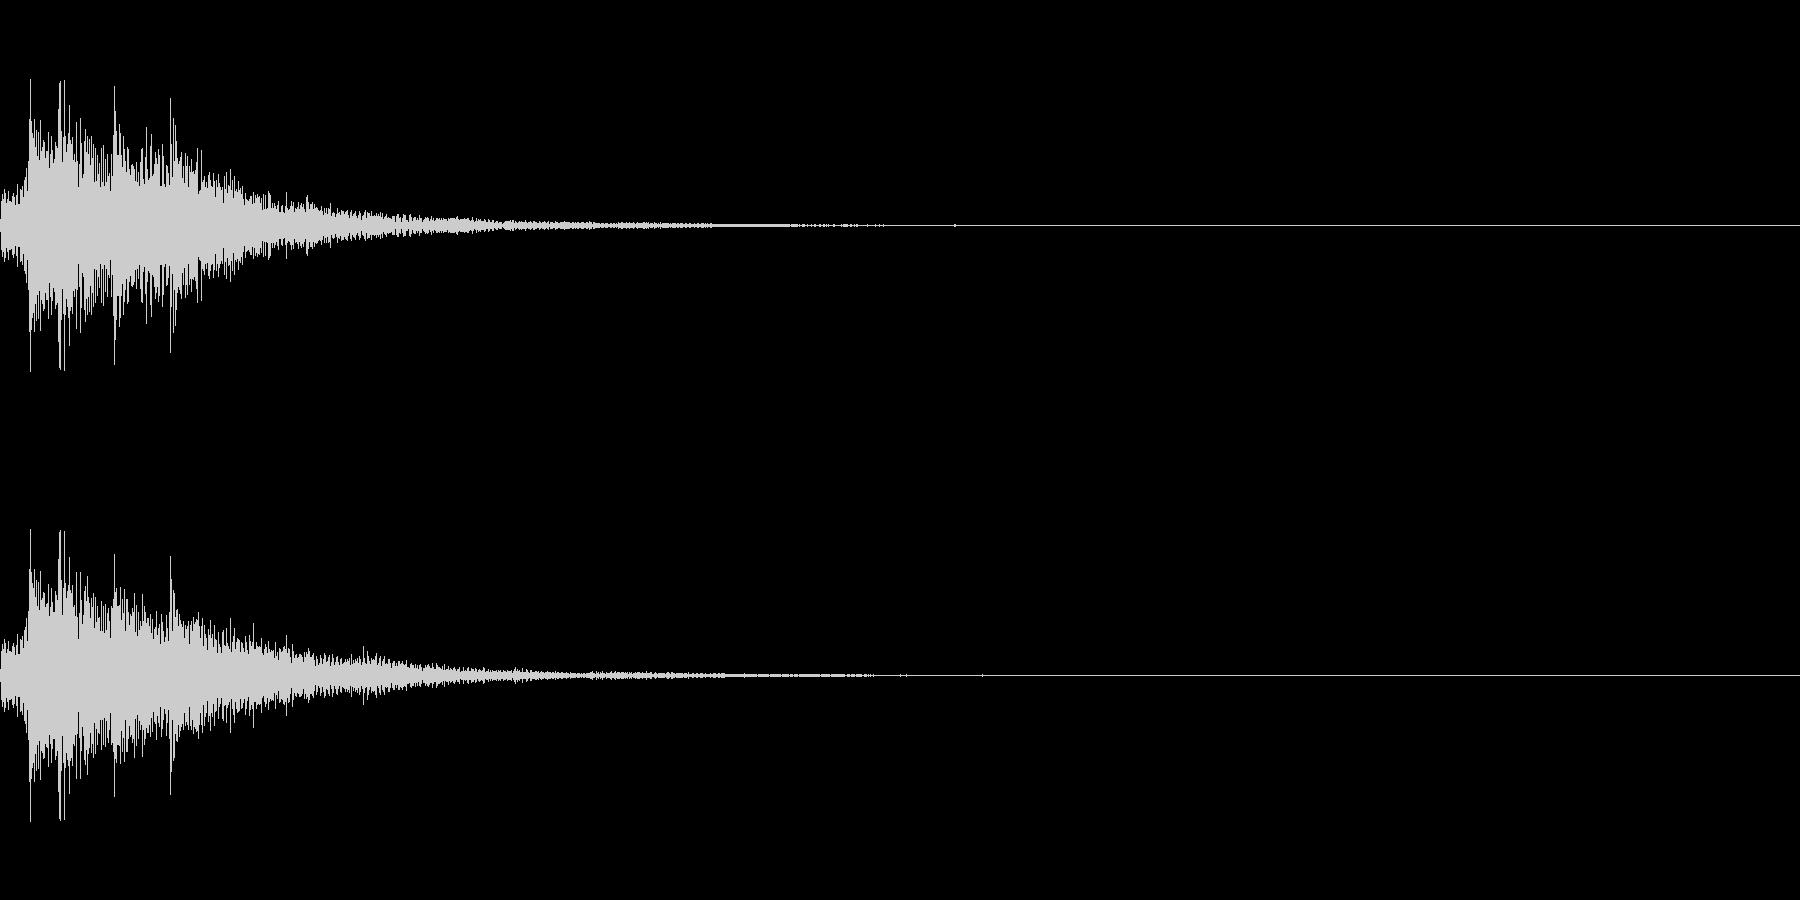 ピロン(ゲーム・アプリ等の決定音)の未再生の波形